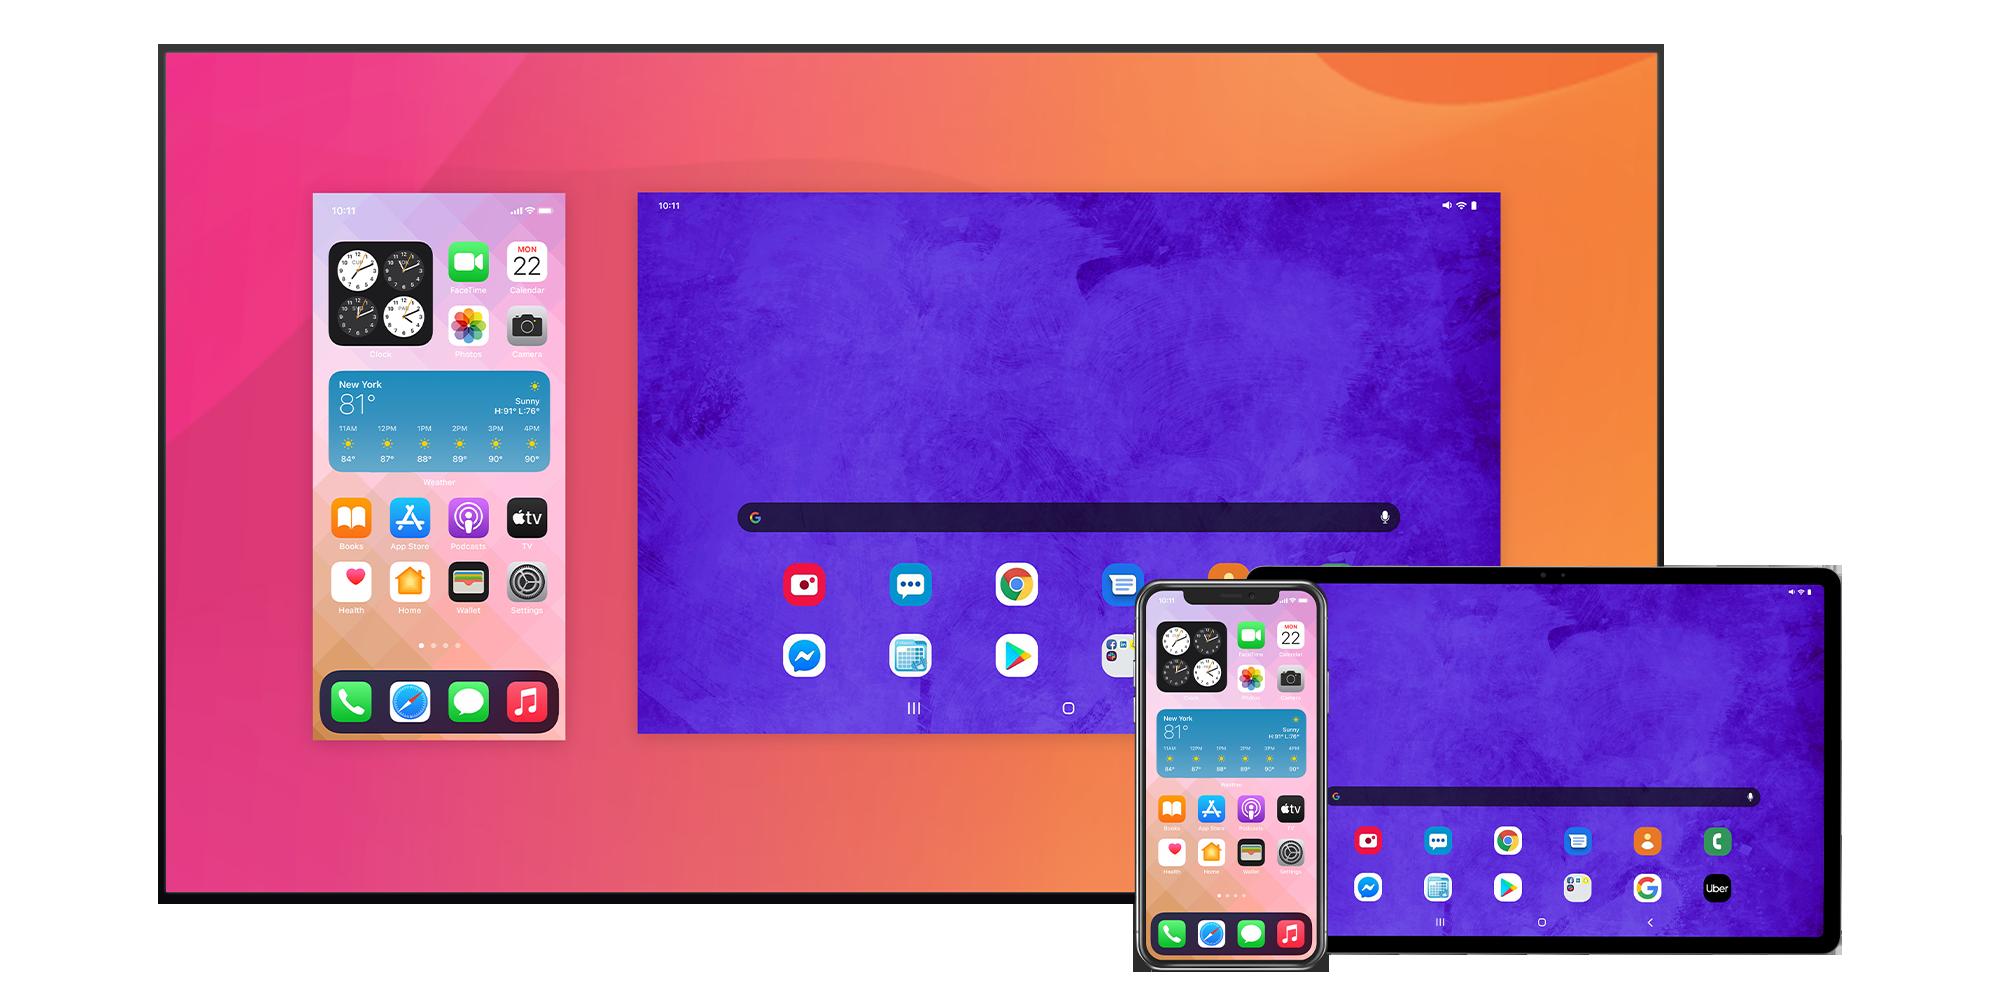 android-firetv-header